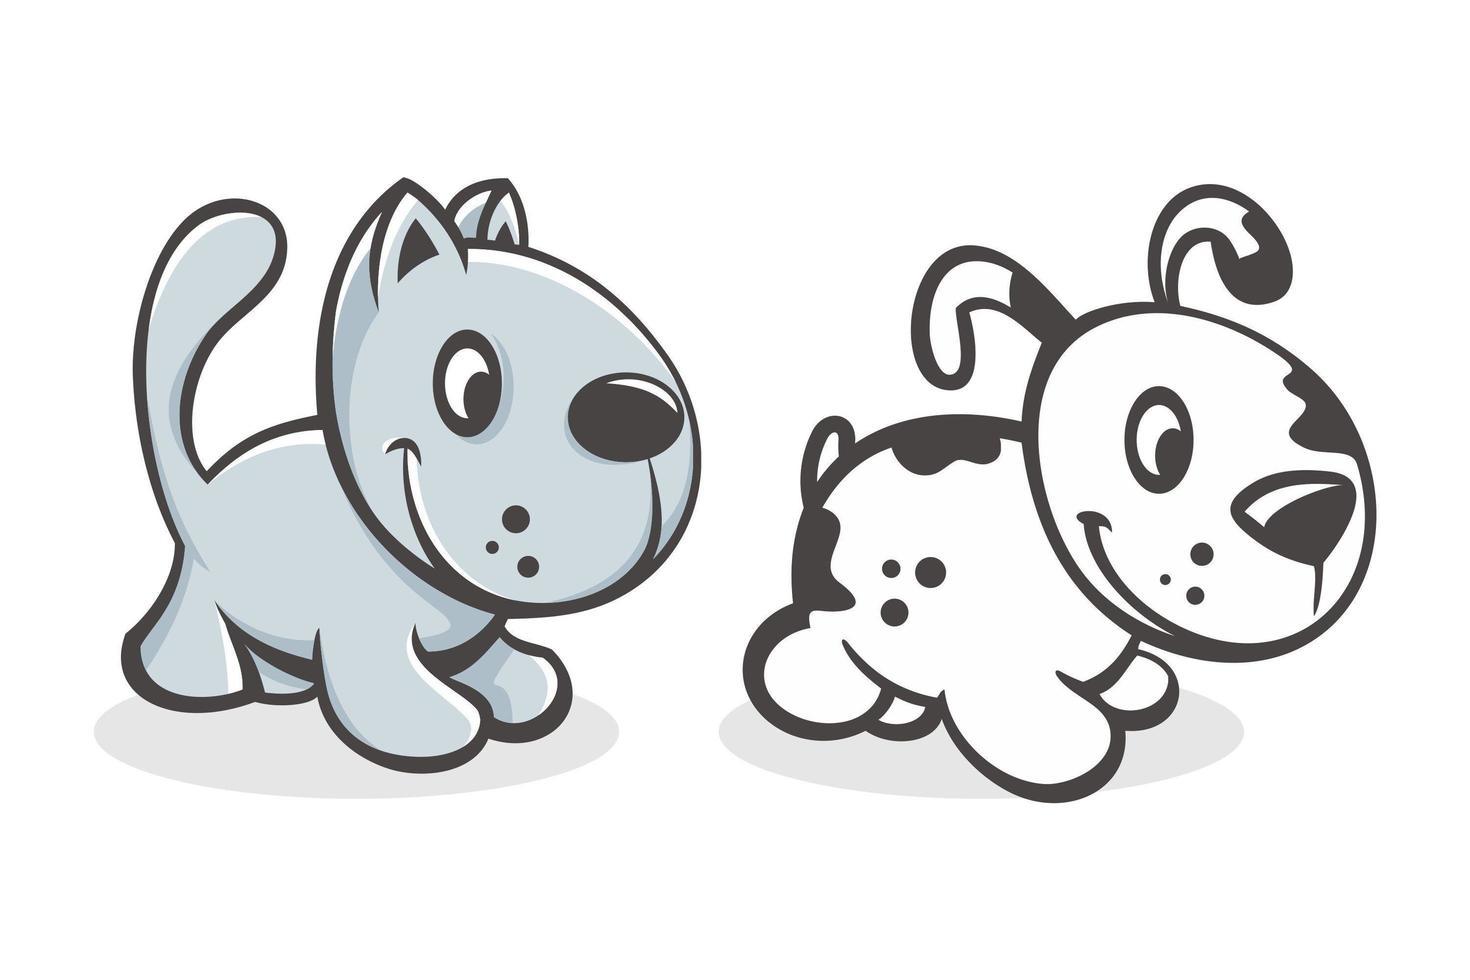 ensemble de dessin animé mignon bébé chat et chien vecteur